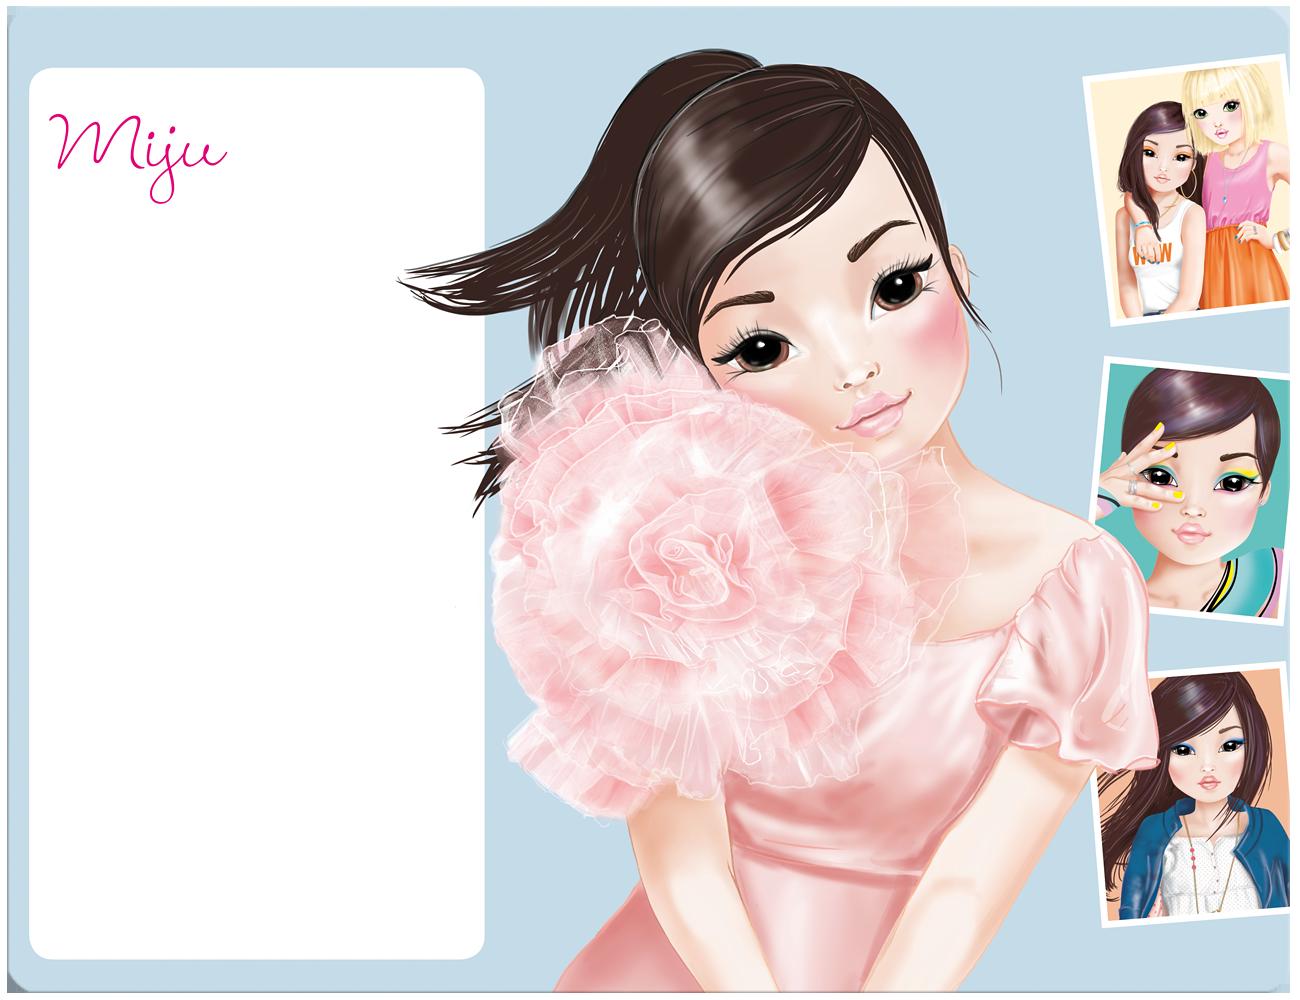 Miju top model photo 33100883 fanpop for Top mobel